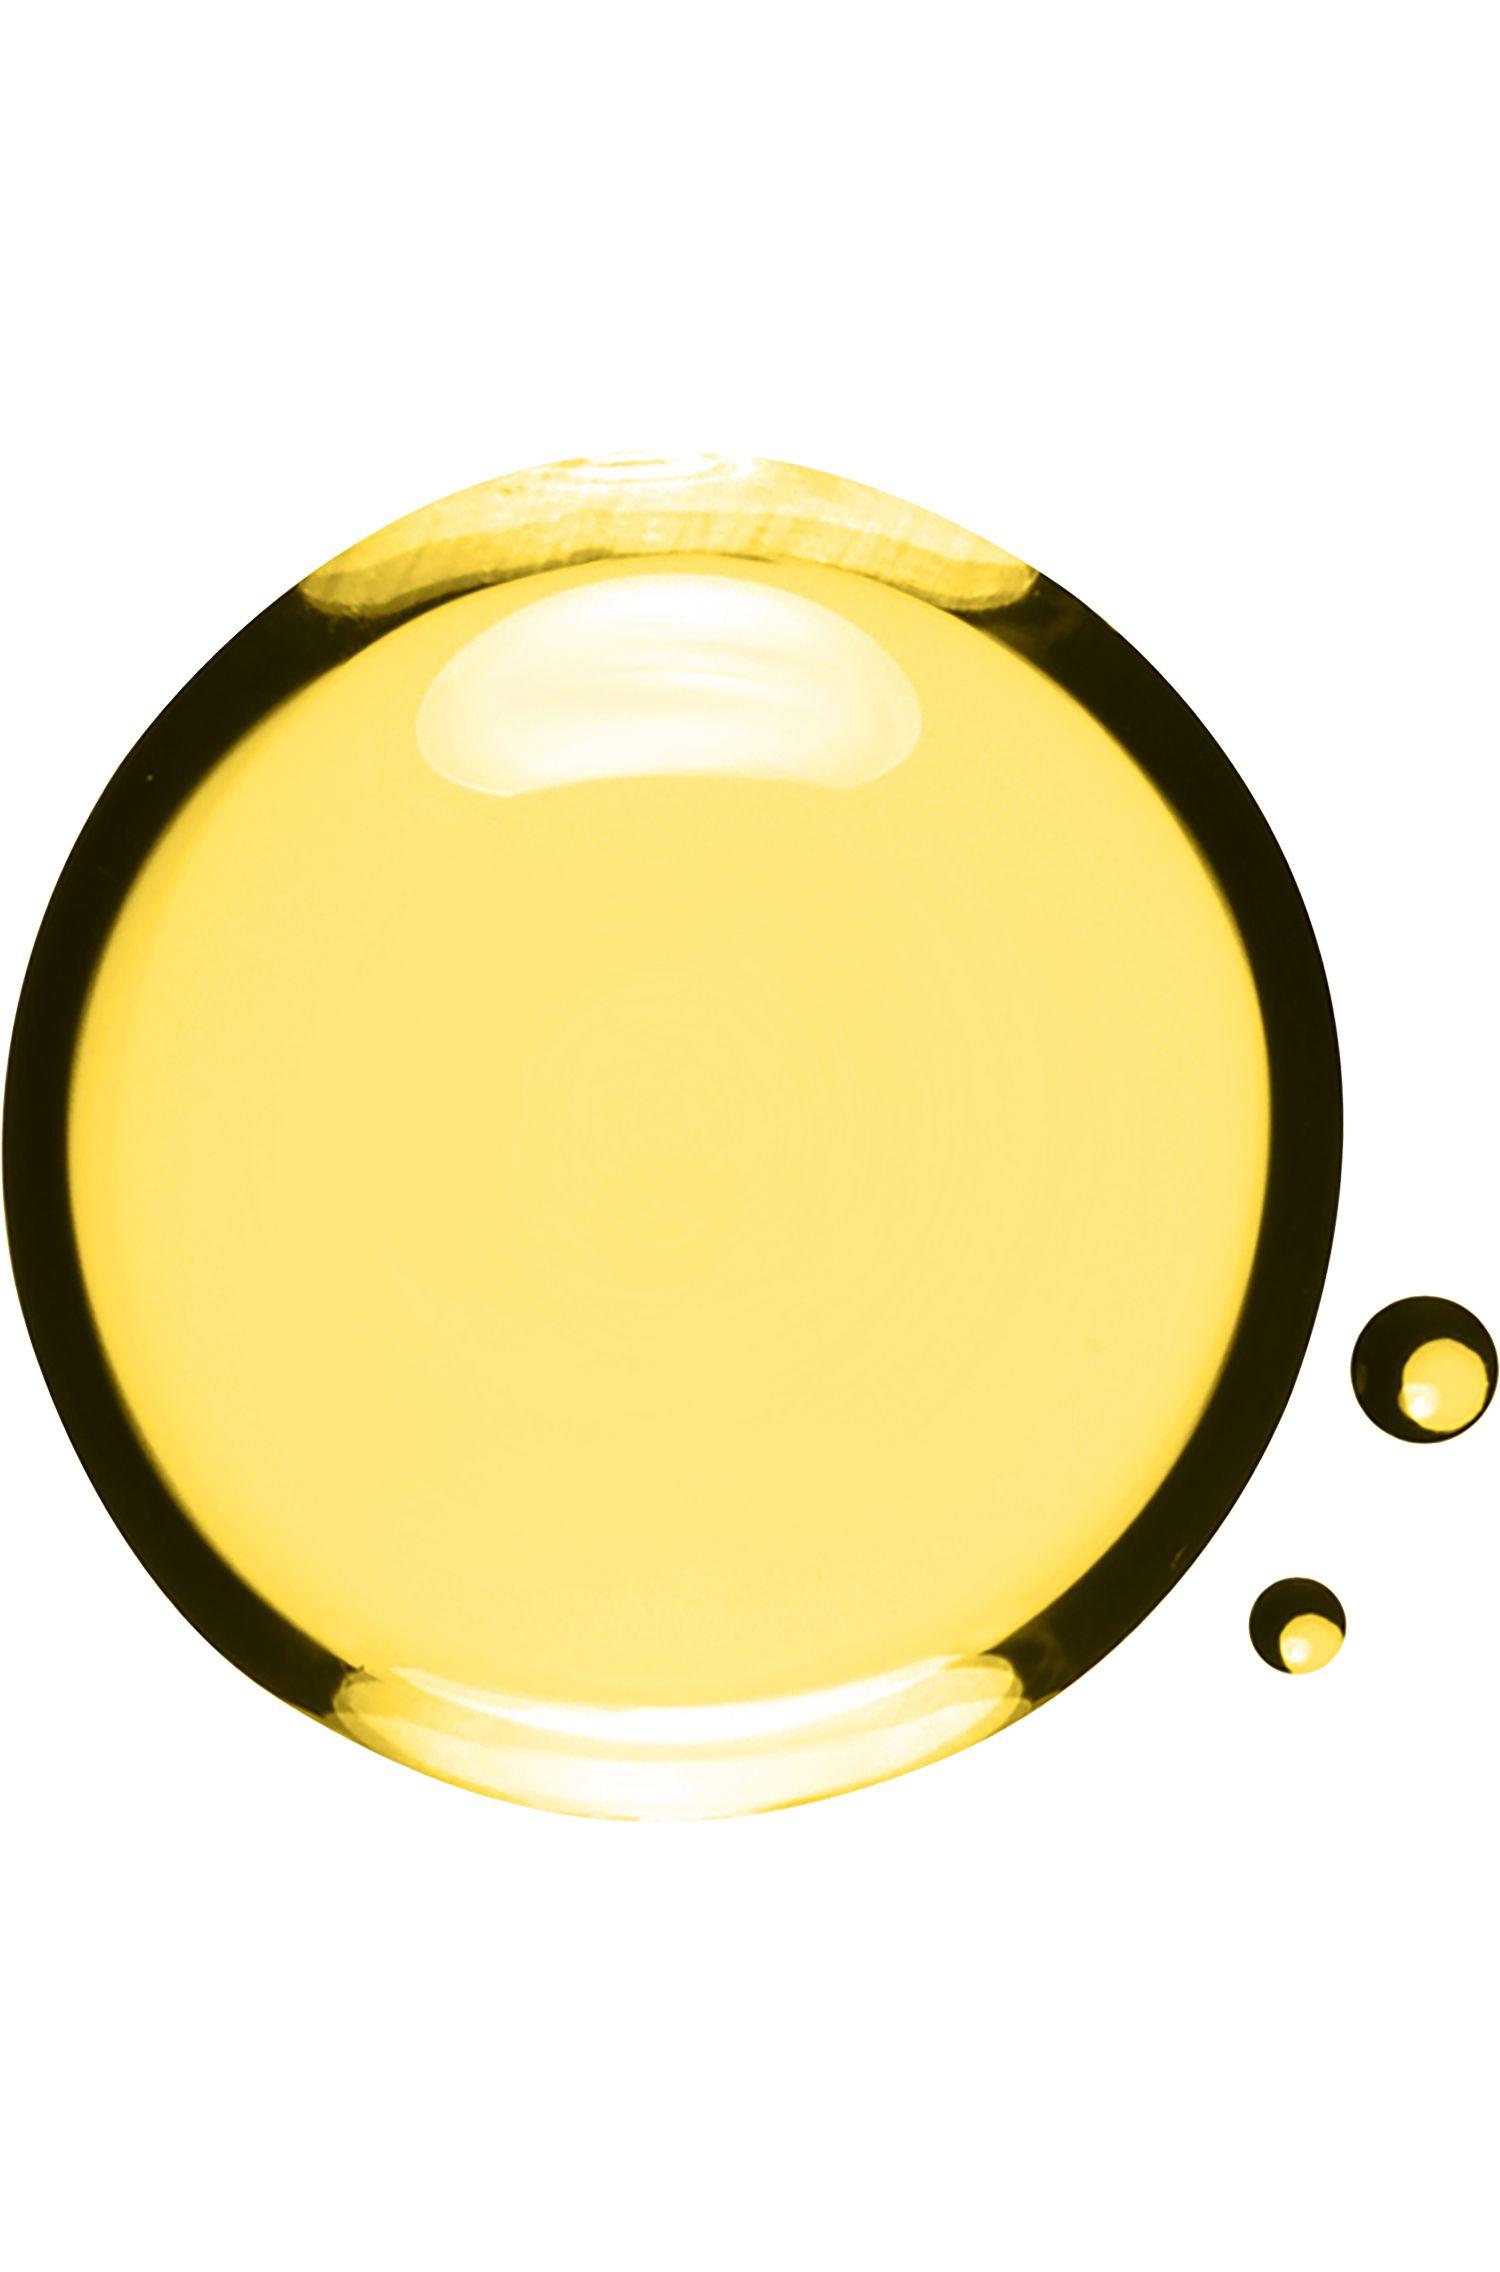 Blissim : Clarins - Huile anti-eau aux Extraits de Plantes - Huile anti-eau aux Extraits de Plantes